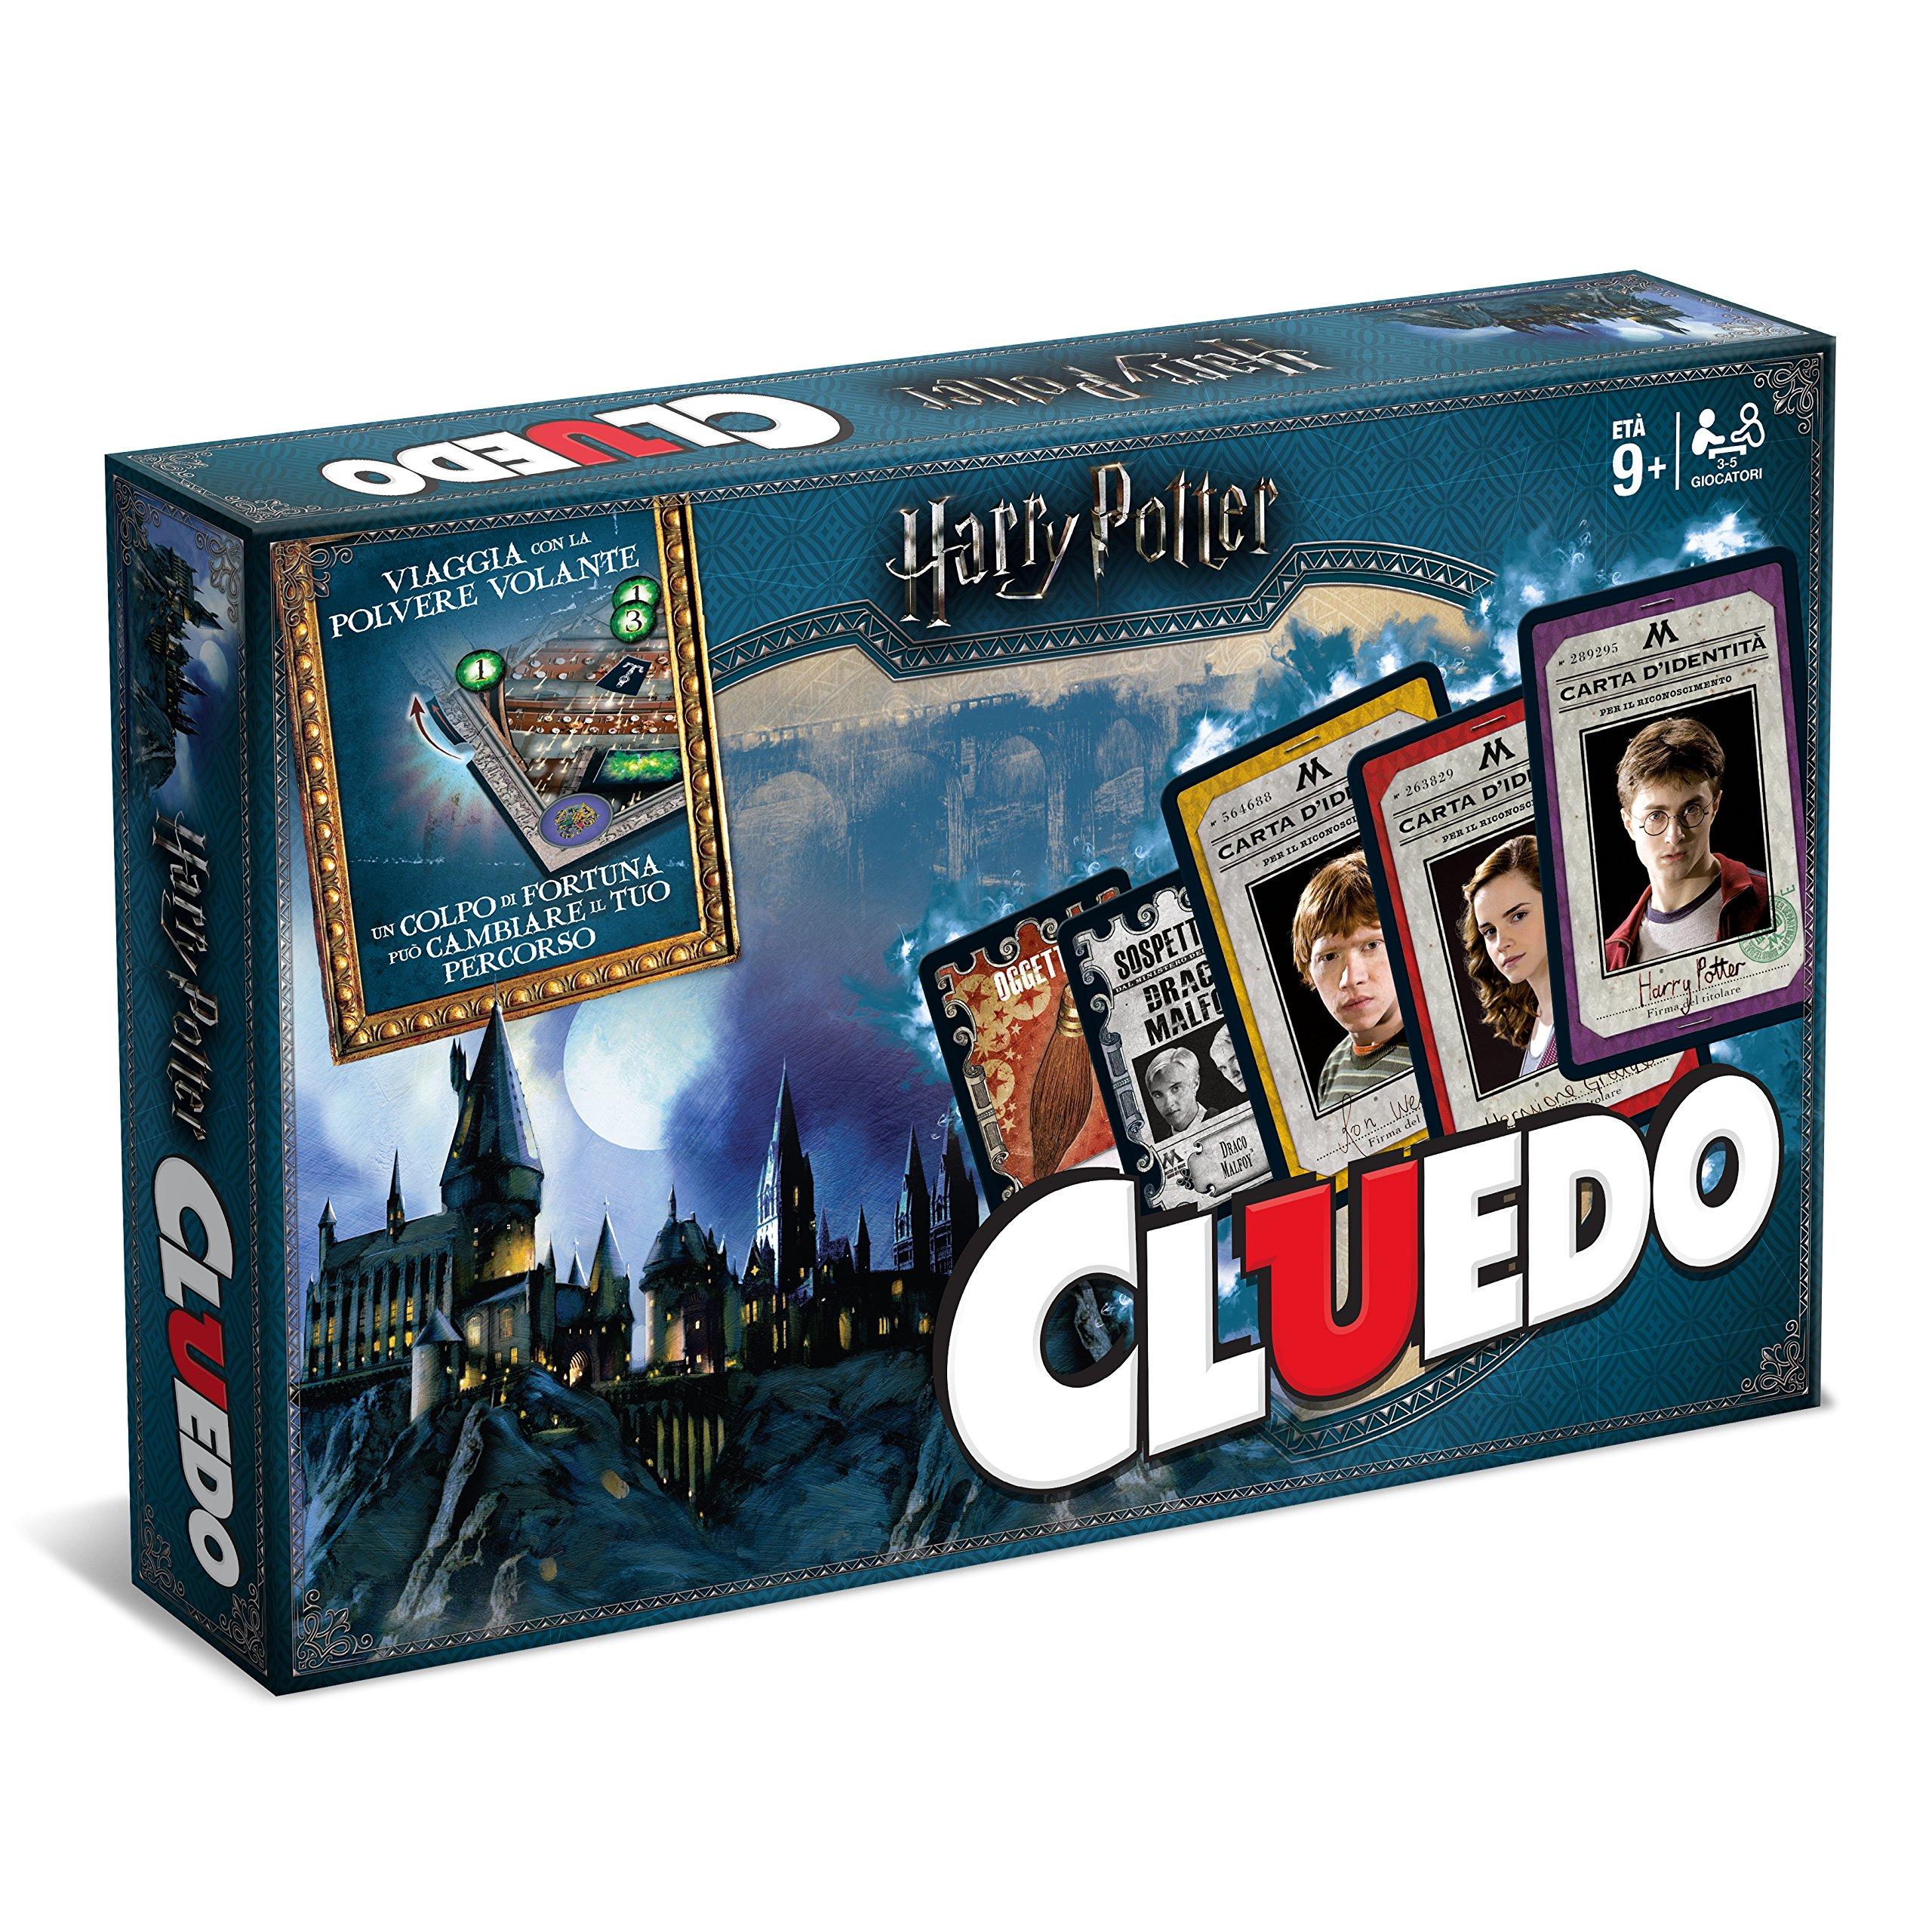 Winning Moves 02400 Juegos de mesa – Cluedo Harry Potter Edición de Colección, italian version: Amazon.es: Juguetes y juegos